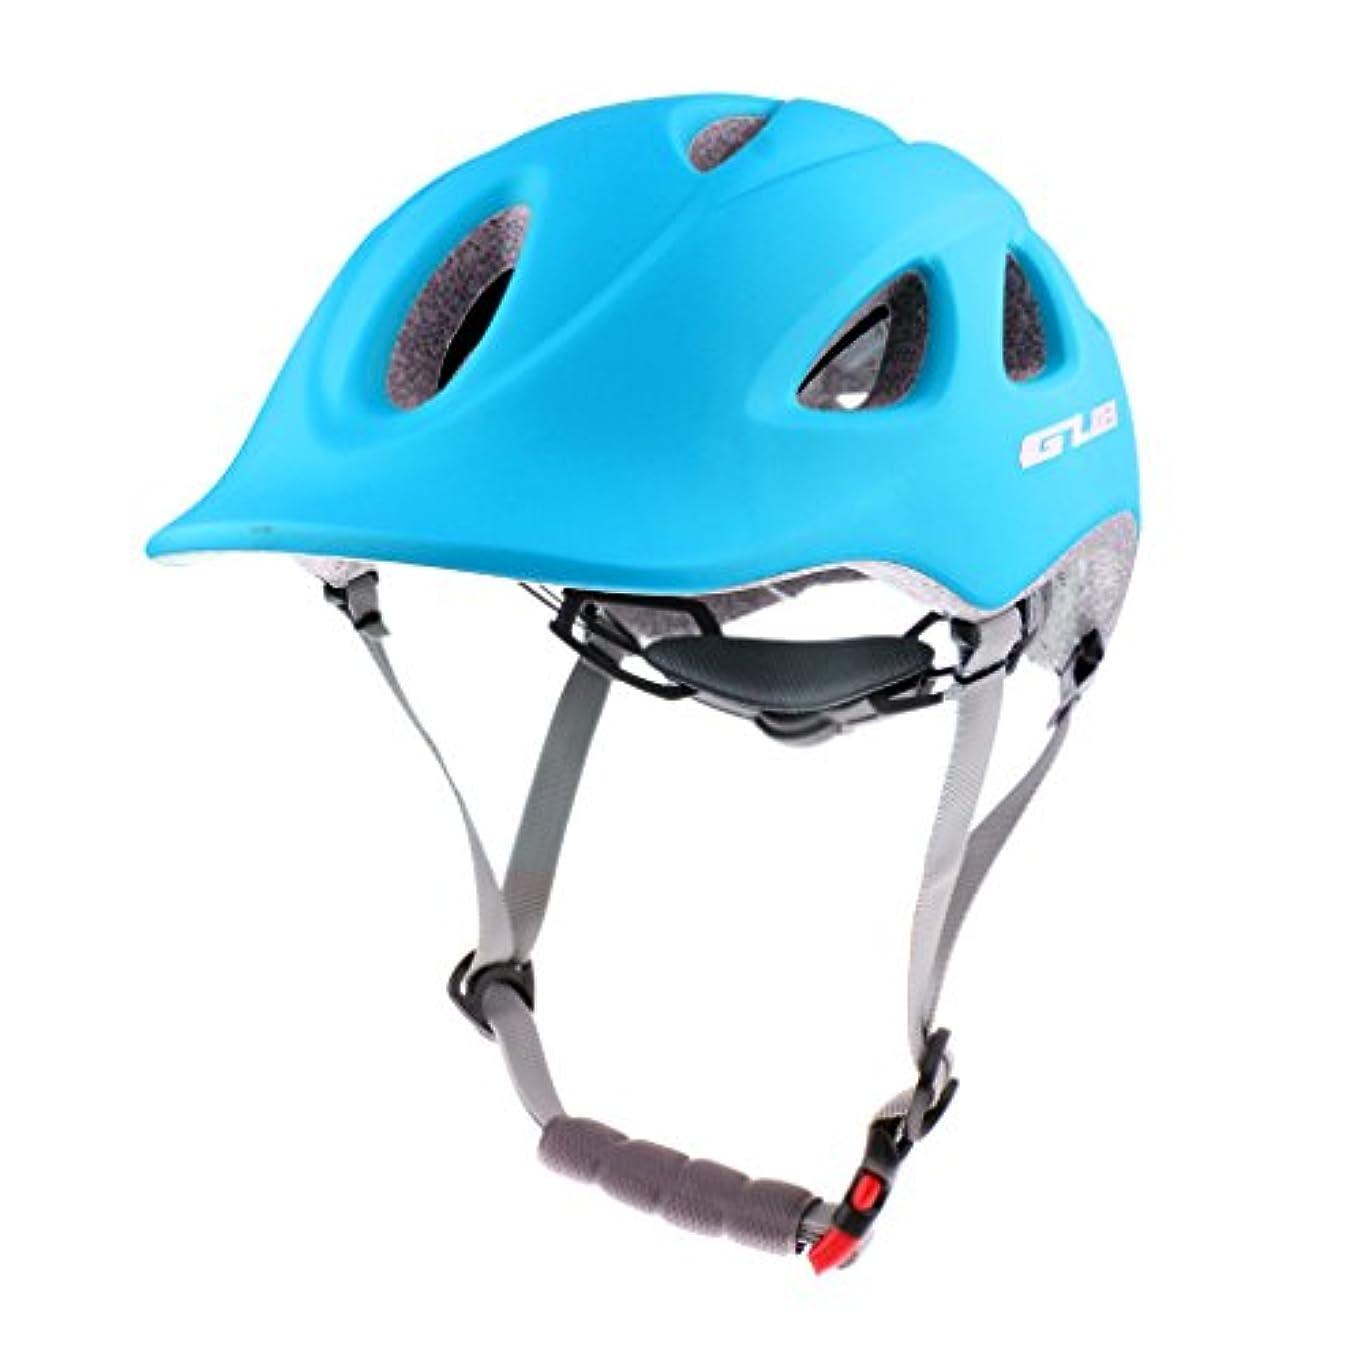 移行する直面する不均一SONONIA 大人用 超軽量 安全 ヘルメット 調整 自転車用 サイクリング ヘルメット  衝撃吸収 全4色 - 青